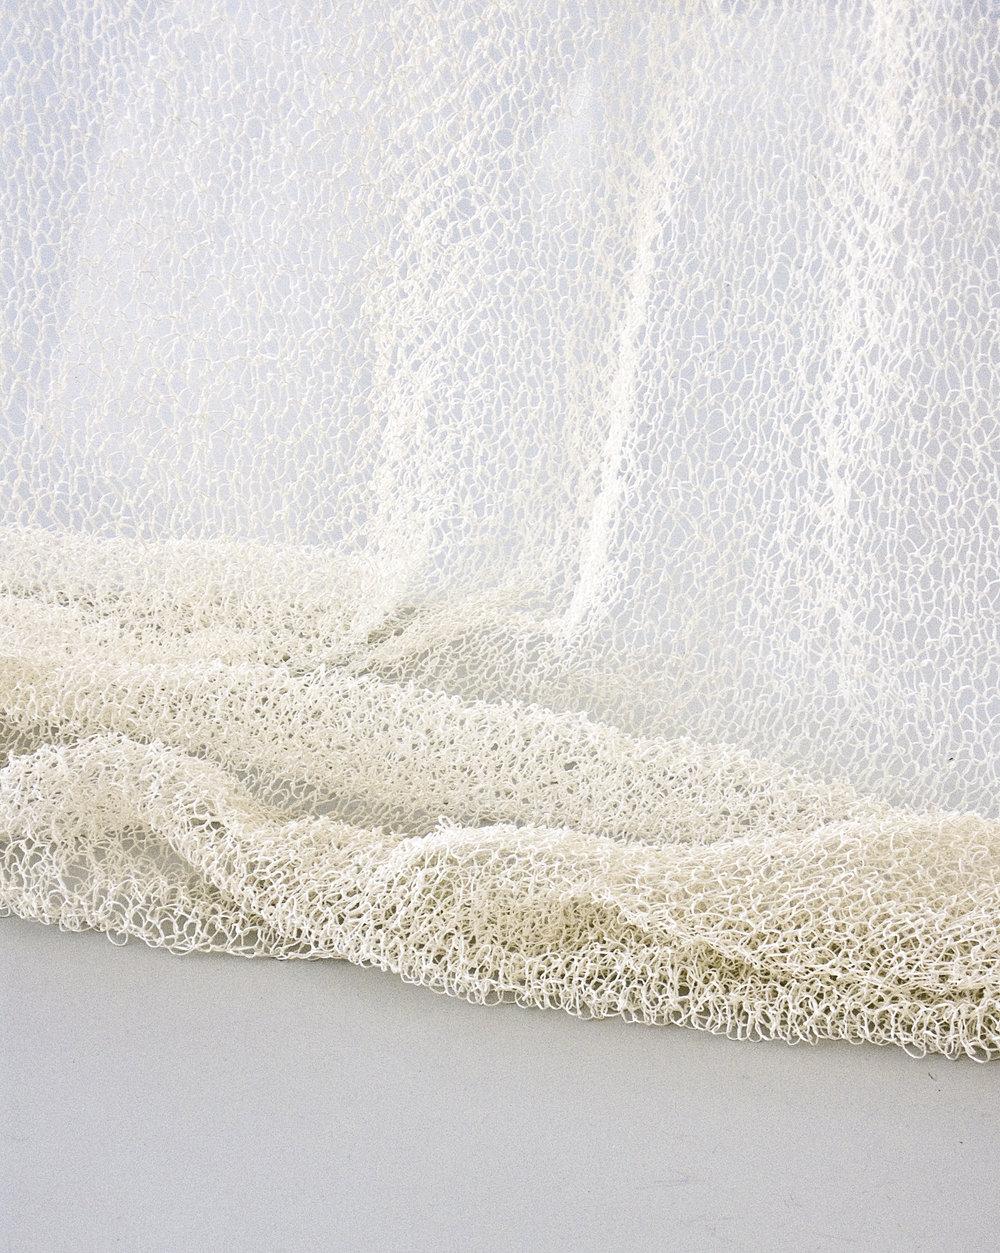 7210101 VEIL white